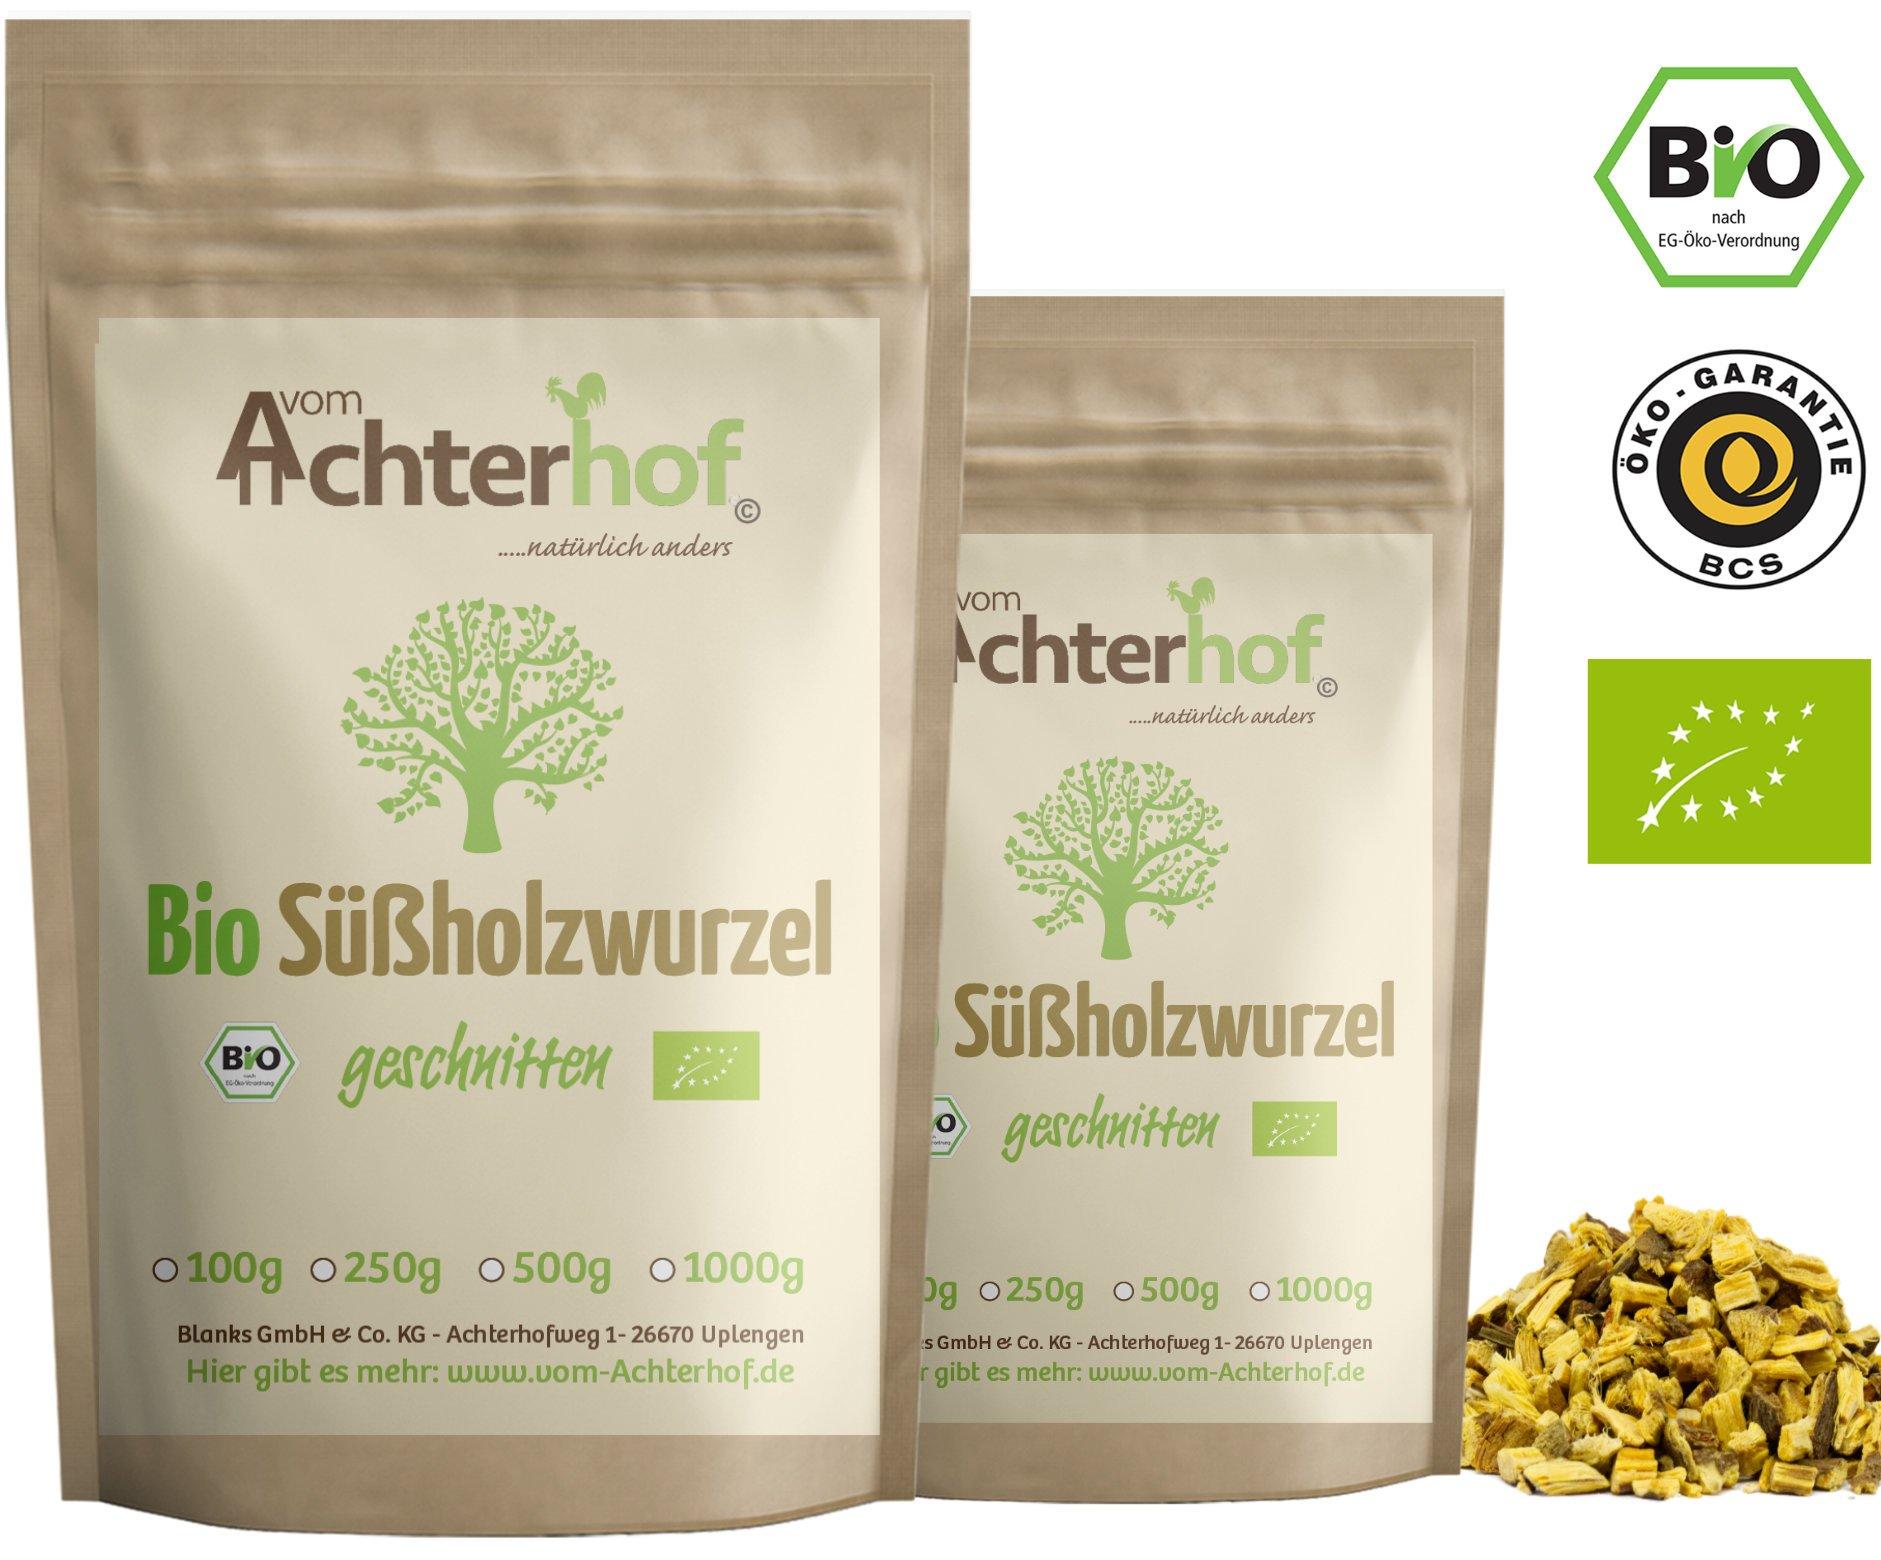 Sholzwurzel-Tee-BIO-500g-Sholzwurzeltee-Sholz-Wurzel-getrocknet-geschnitten-enthlt-Lakritz